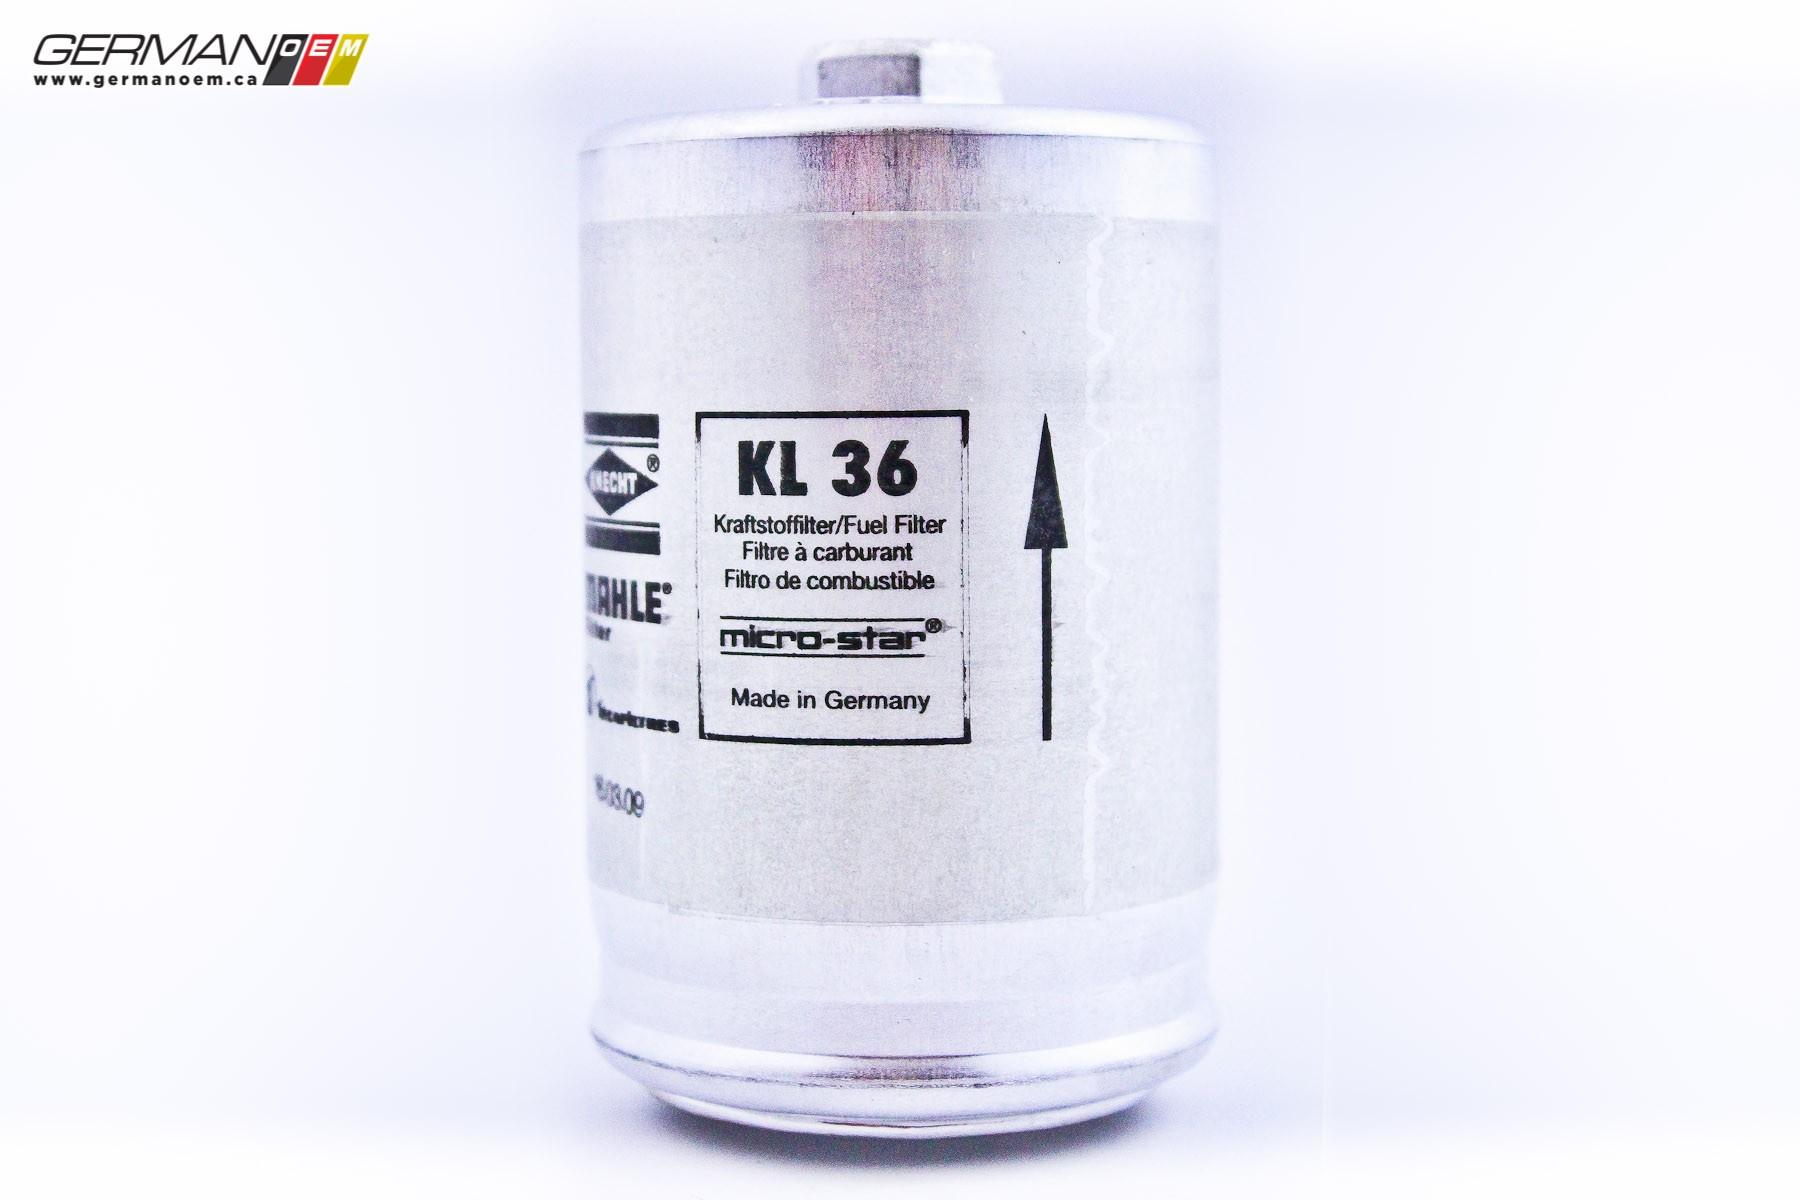 Fuel Filter Mahle 2001 Passat 441201511c